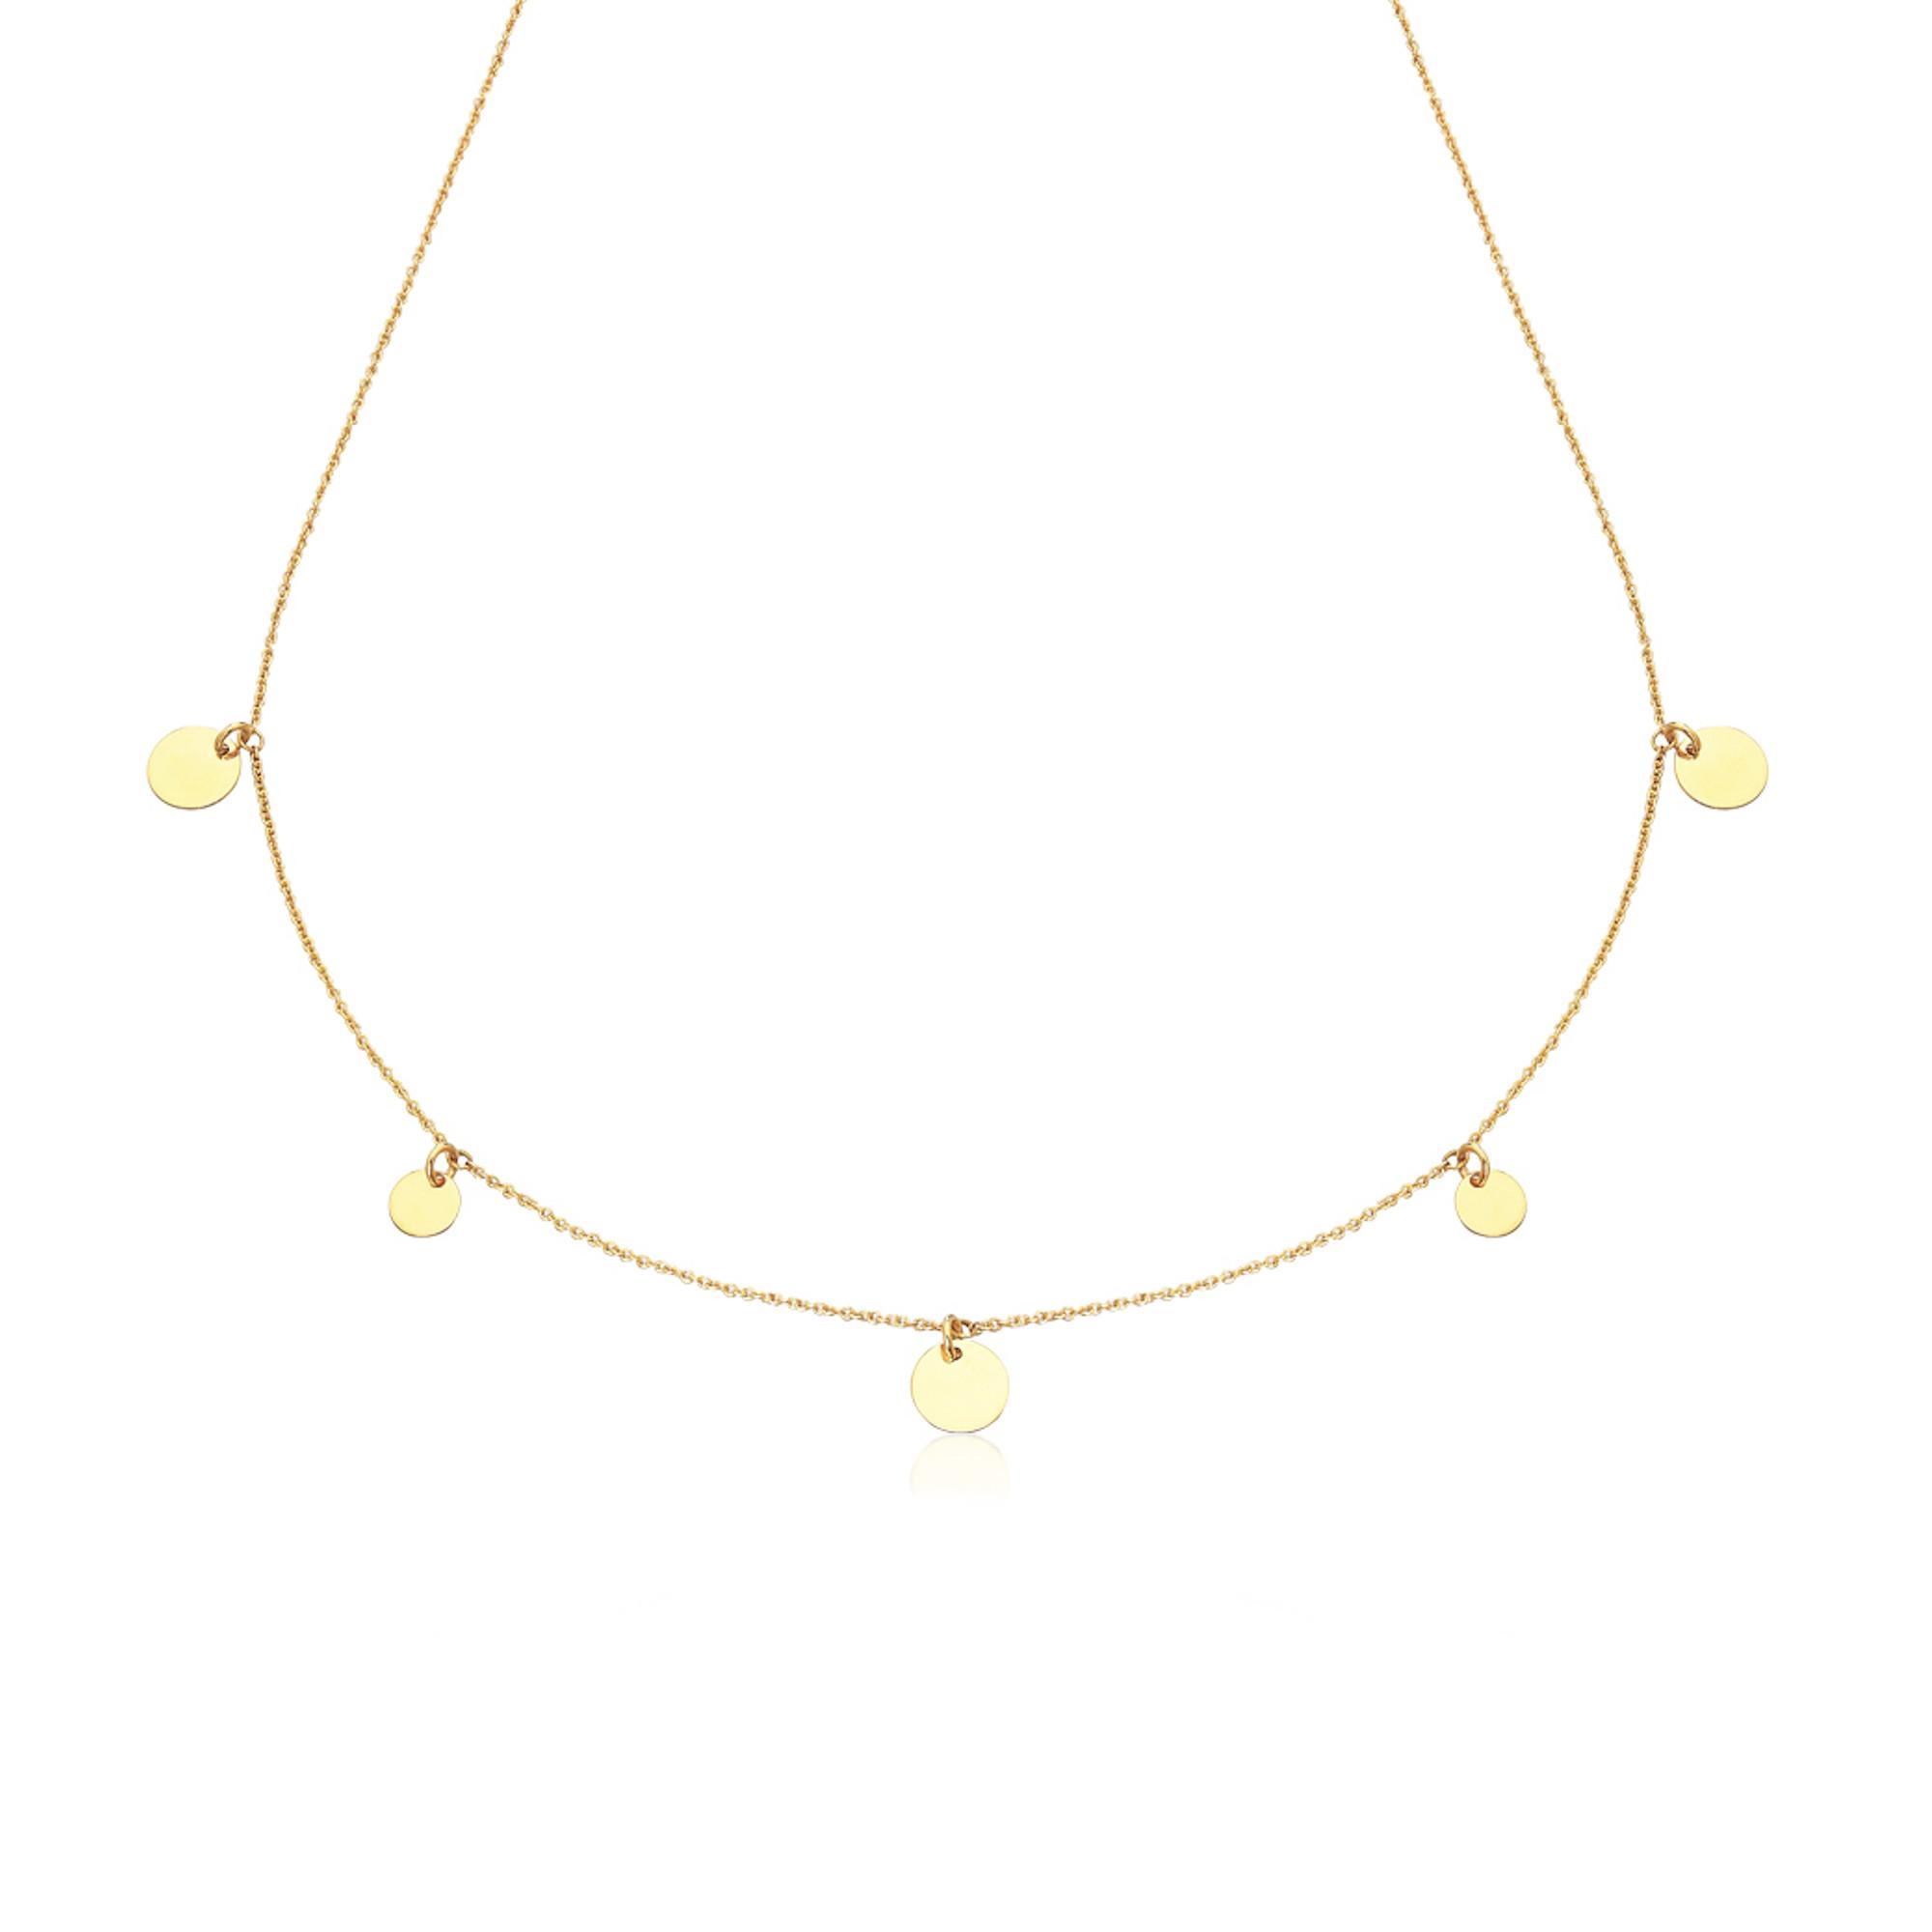 LE CARRÈ collana oro giallo 5 dischi GD057OA collana or giallo necklace gold sconto discount